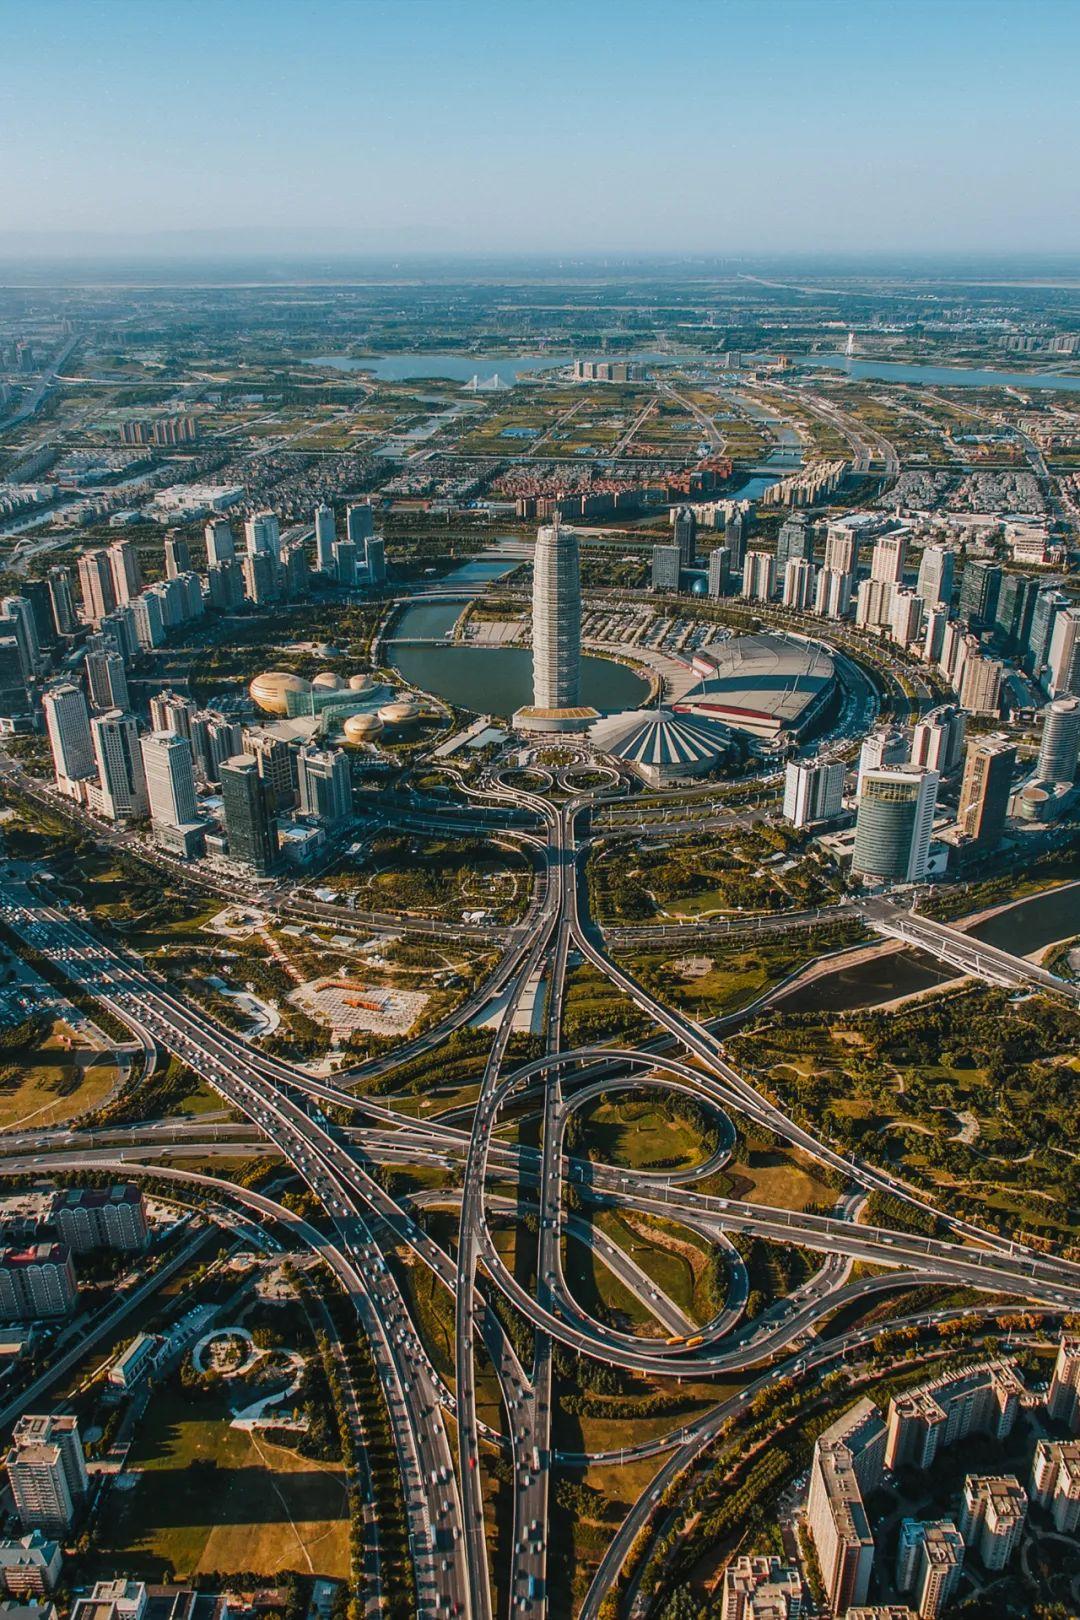 ▲ 蓬勃发展中的郑东新区,朝着国际化的区域性金融中心迈进。 摄影/焦潇翔